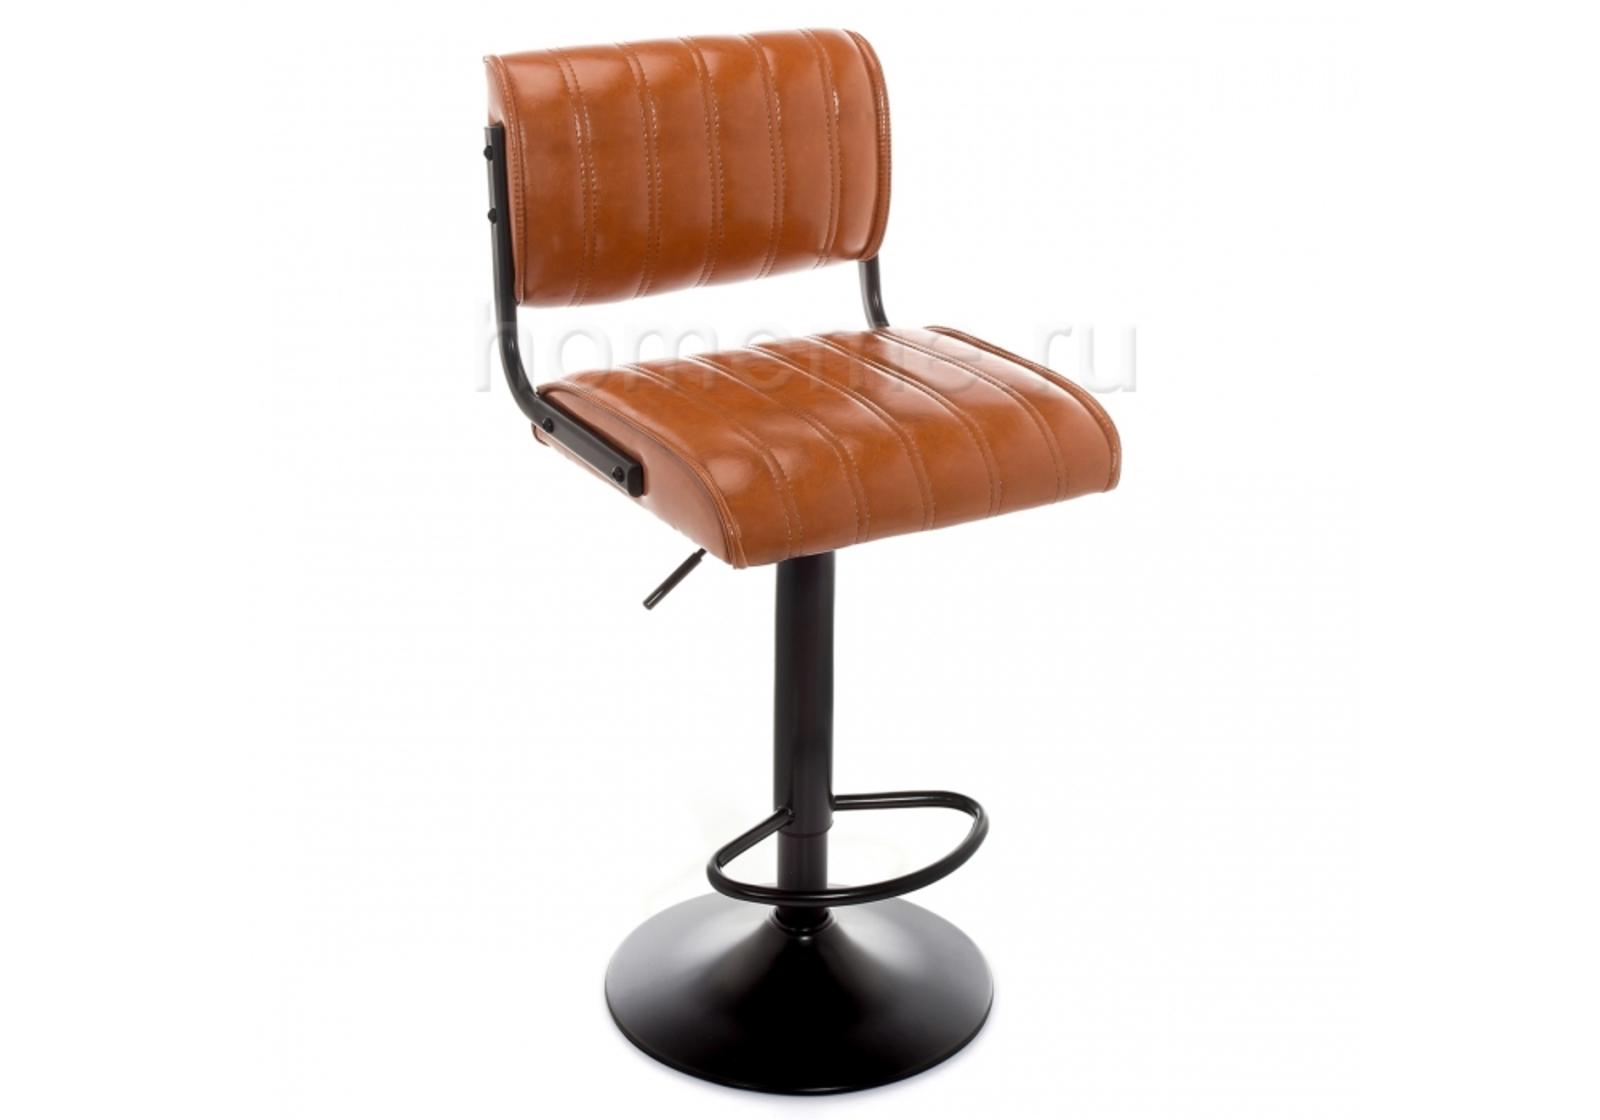 Барный стул Kuper loft коричневый 11357 Kuper loft коричневый 11357 (17555)